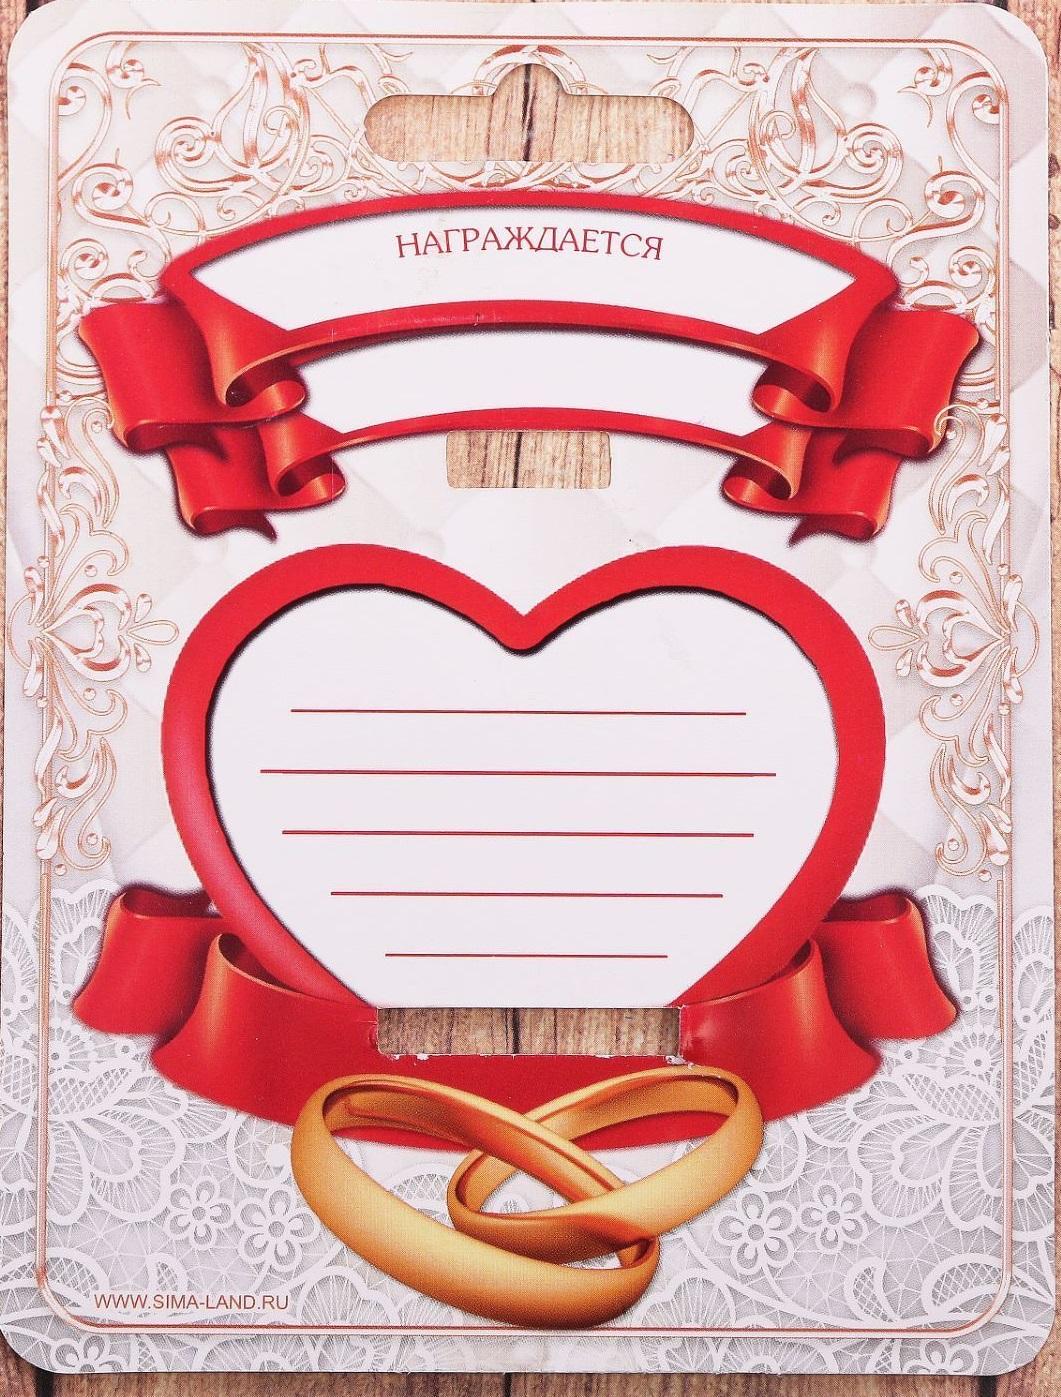 Печать грамот и дипломов для коралловой свадьбы в Москве   фото 1